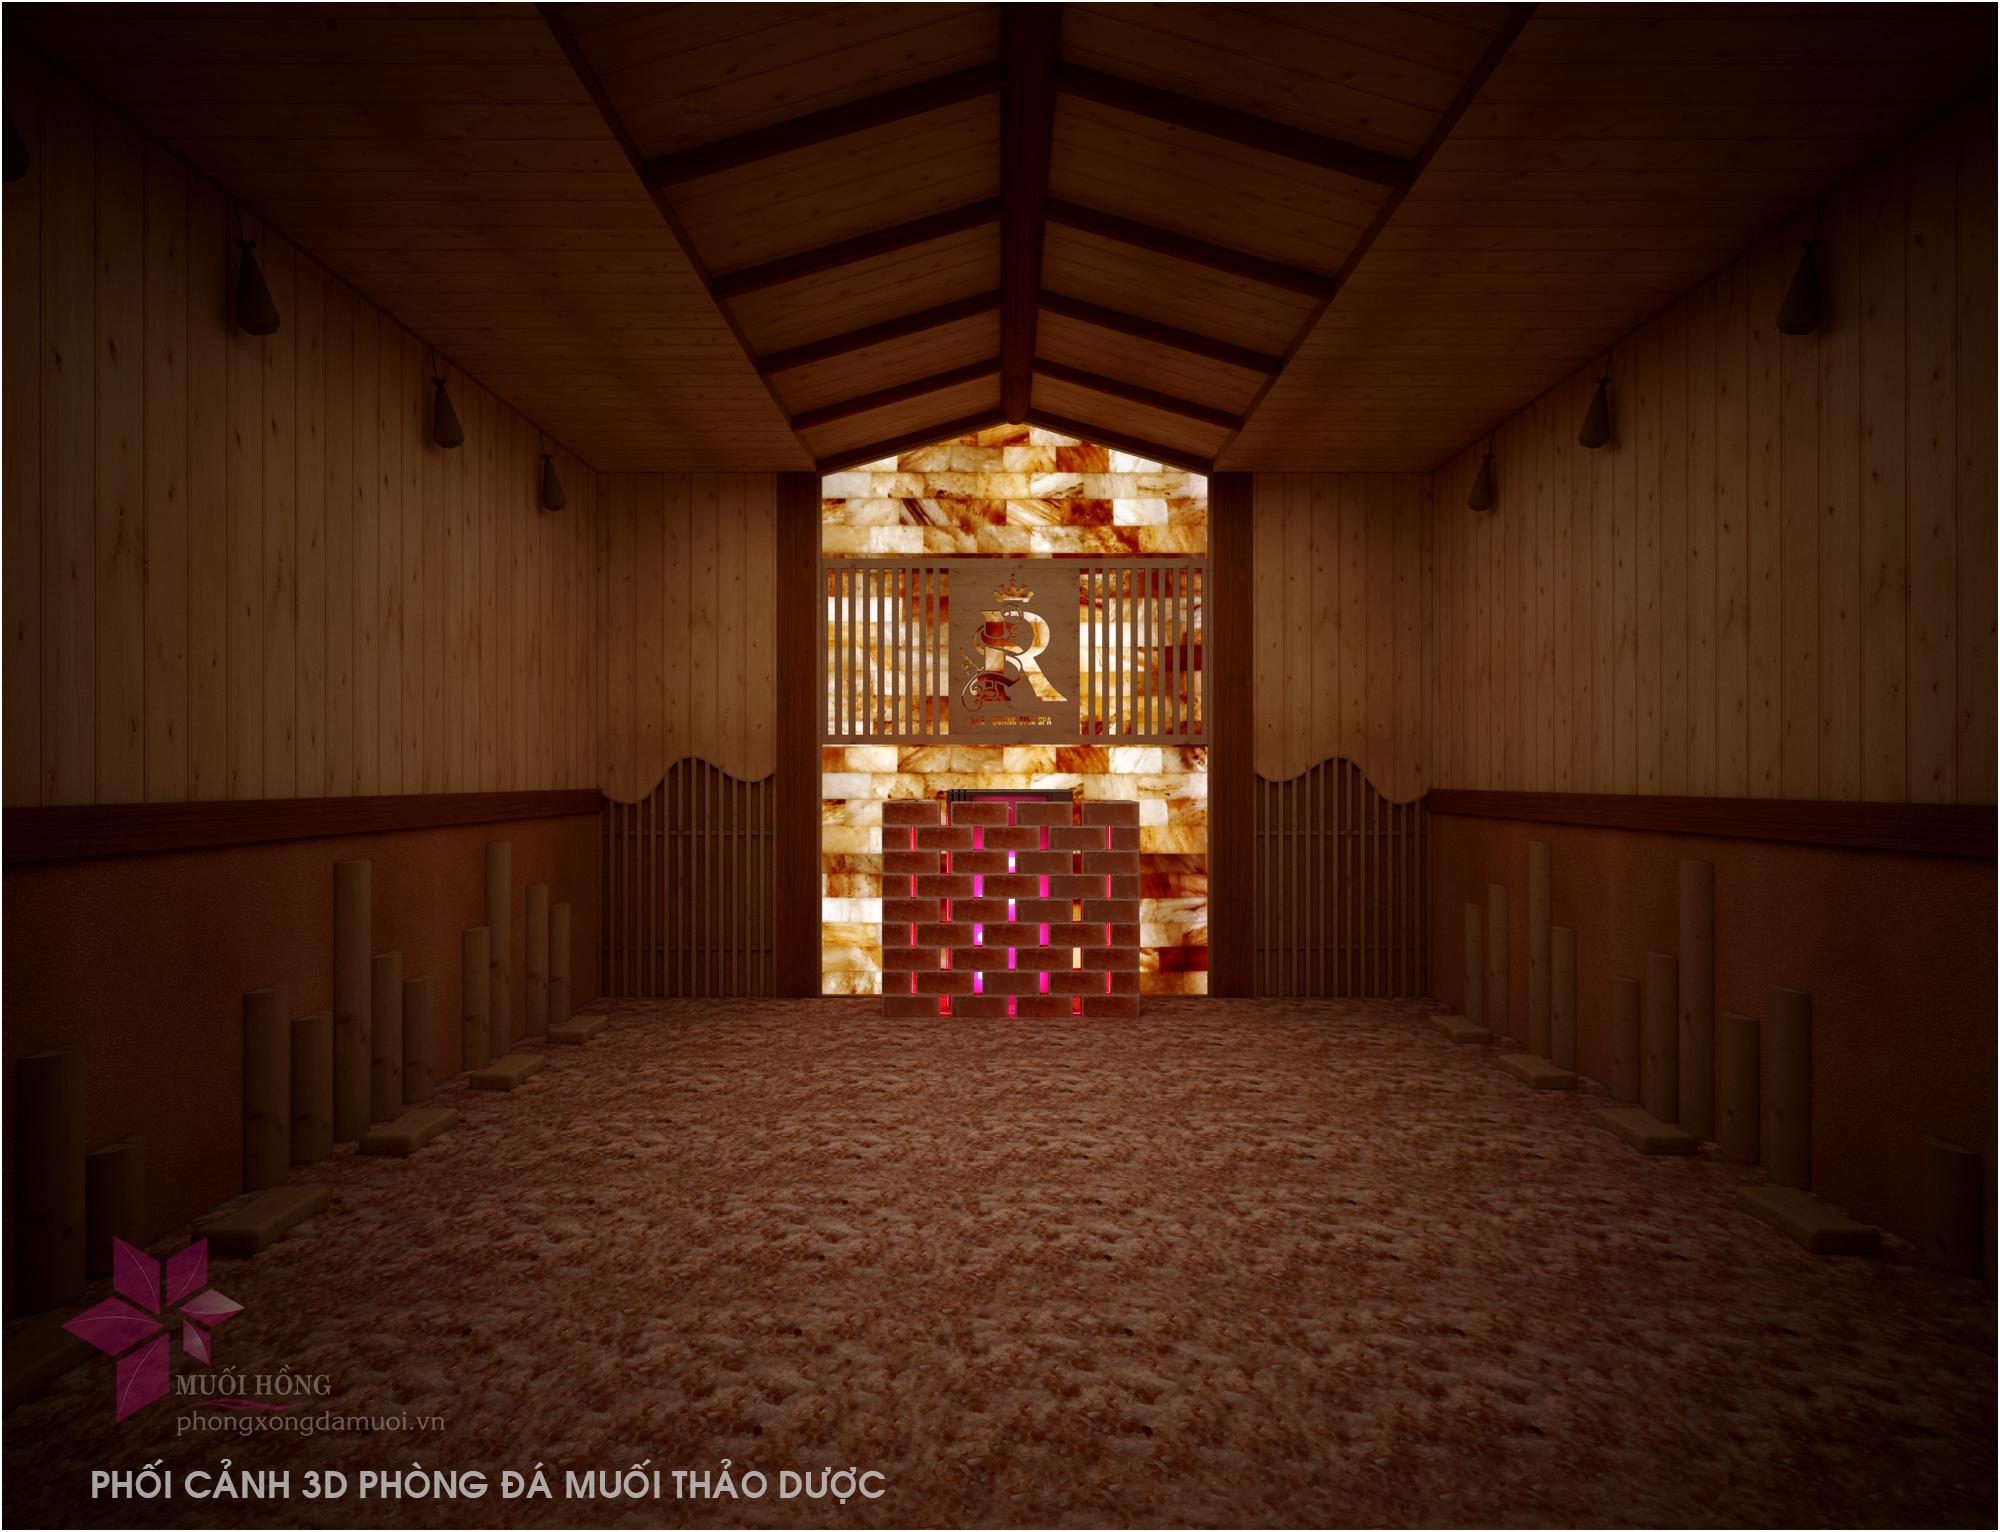 3D khu xong hoi tai rex hotel quang binh len song 1